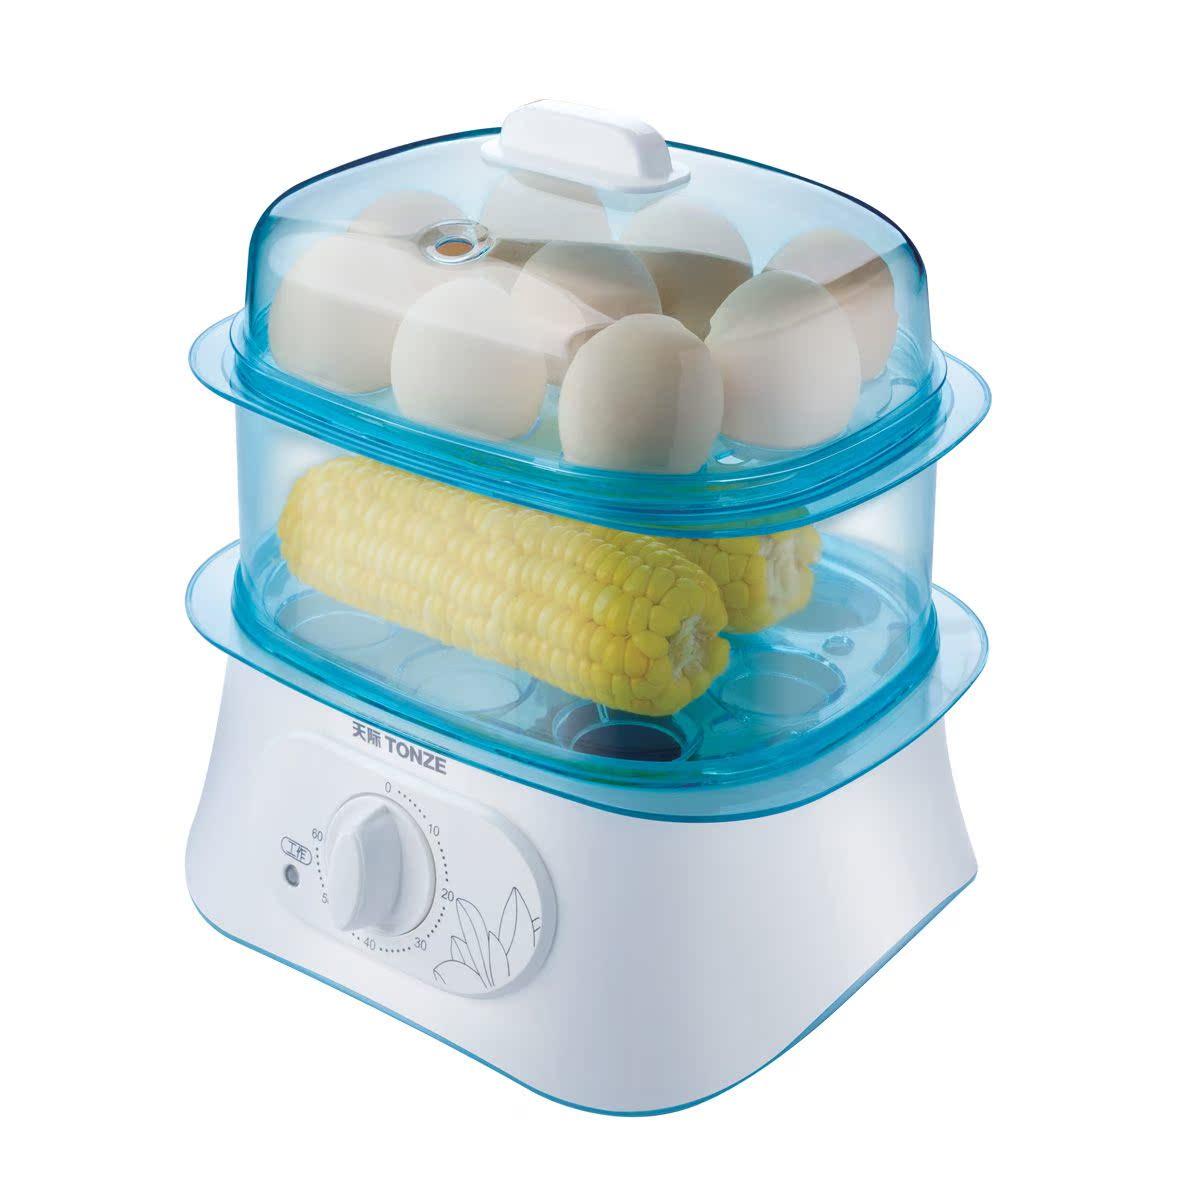 小家电厨房电器迷你电蒸笼 定时煮蛋双层电蒸锅蒸玉米馒头器蒸菜